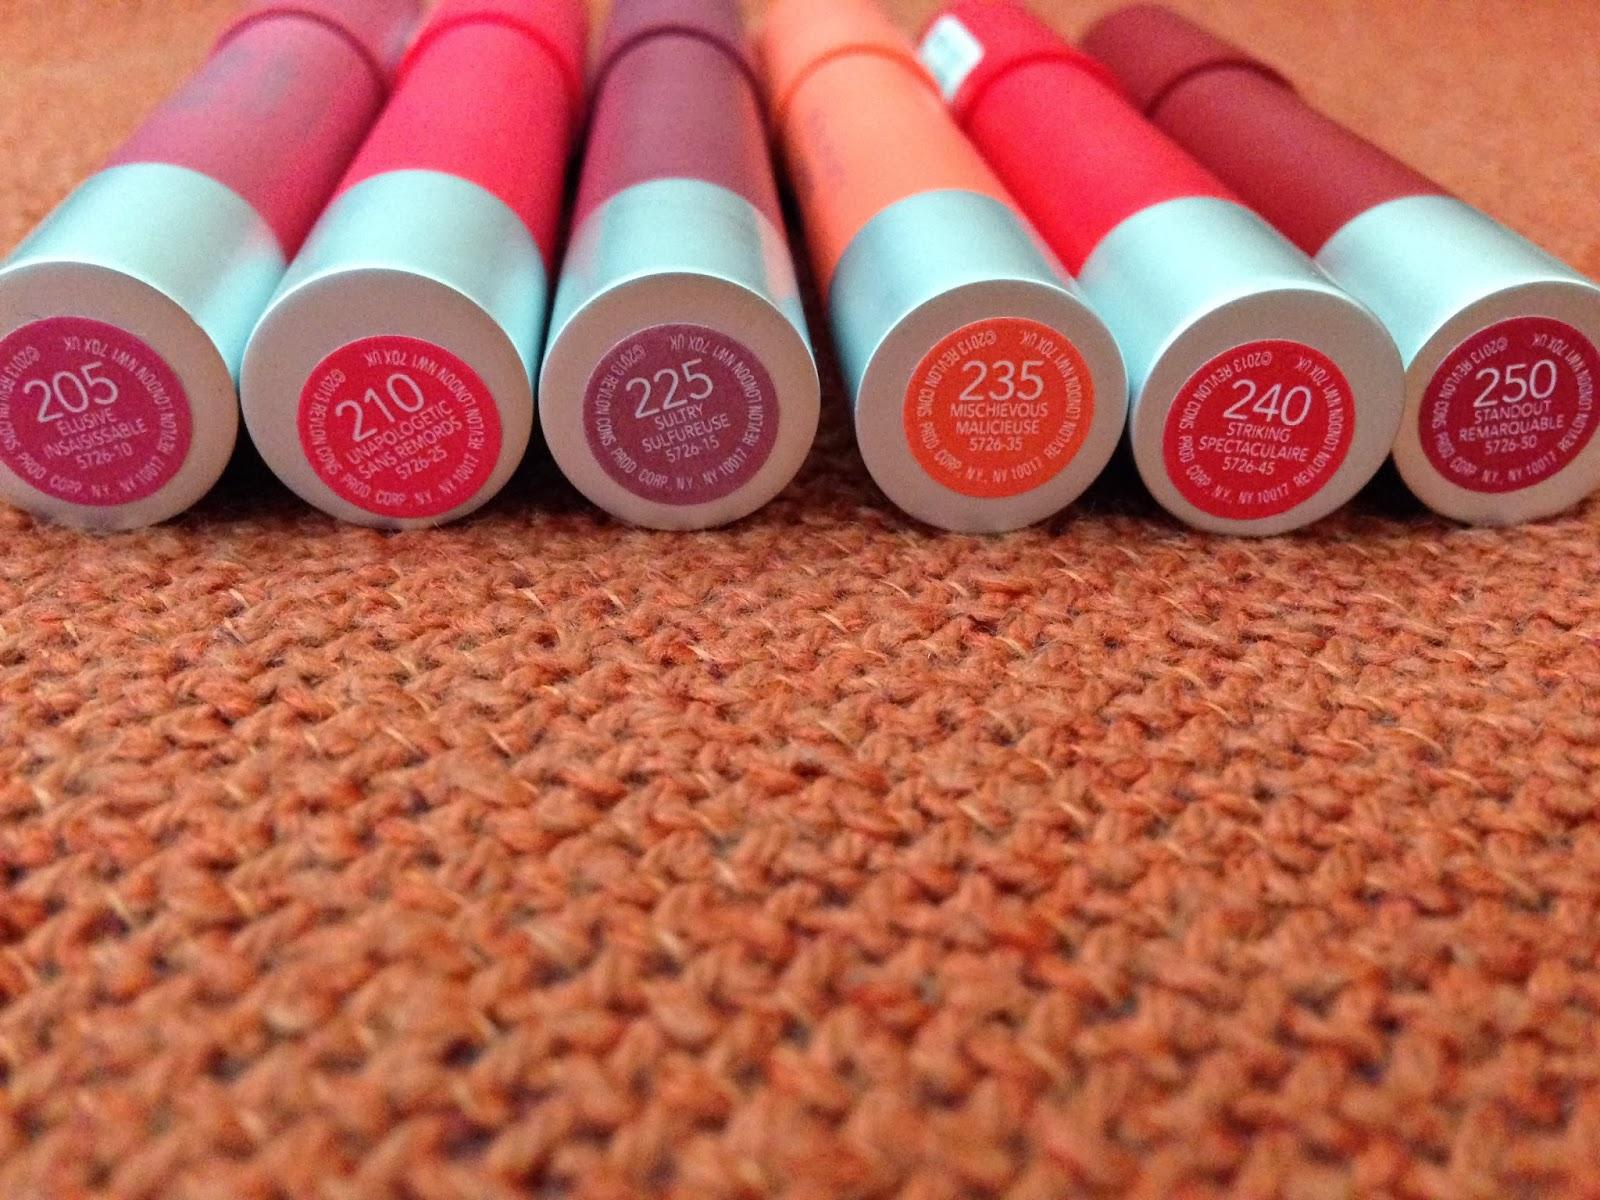 Revlon Colorburst Matte Balm Part 1 Elusive Unapologetic Collorbust Sultry